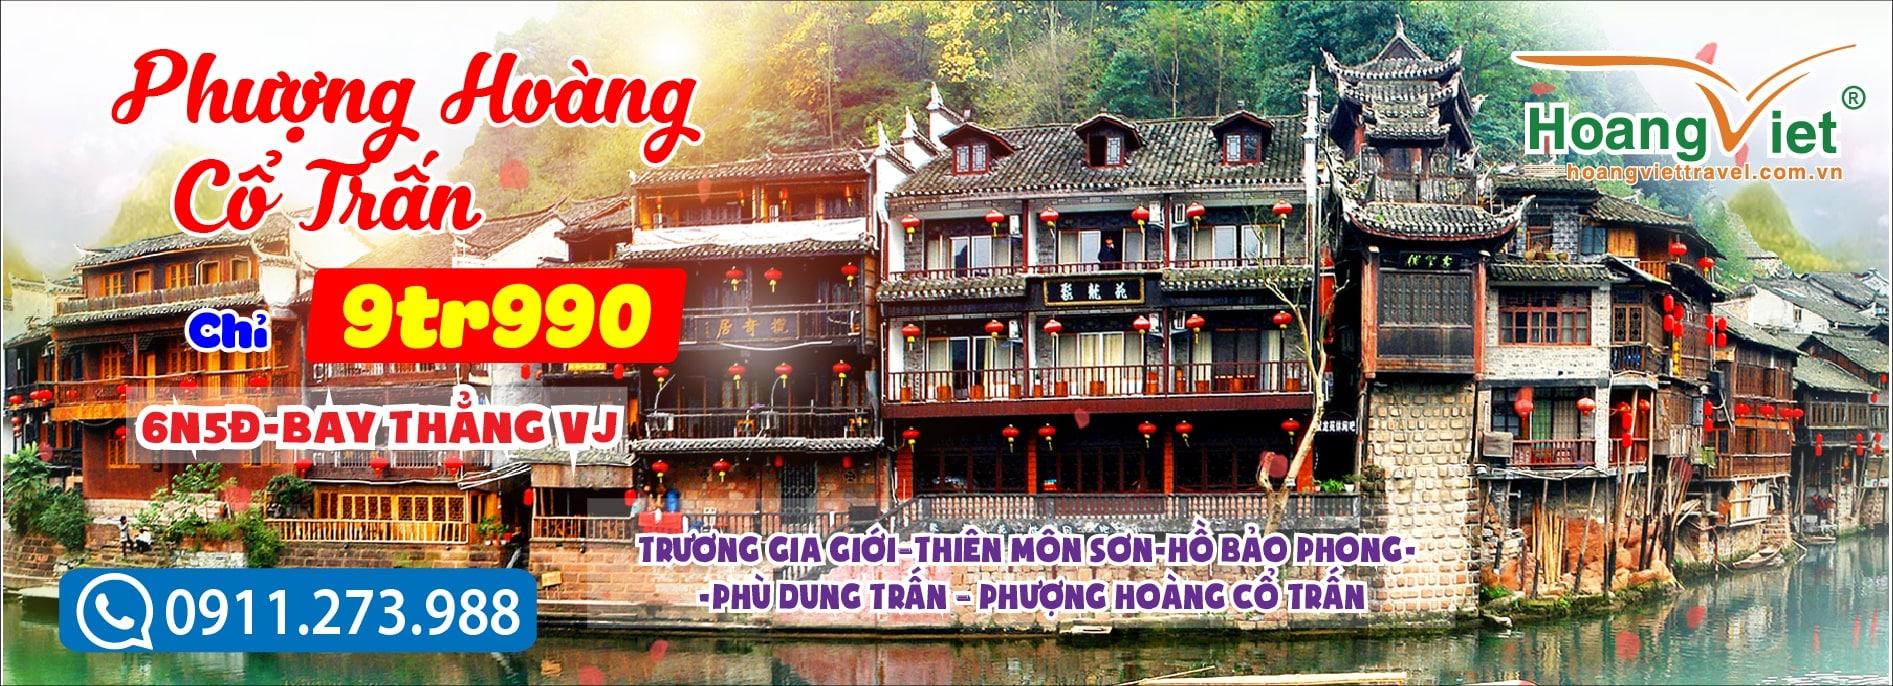 Công ty Hoàng Việt Travel uy tín và chuyên nghiệp